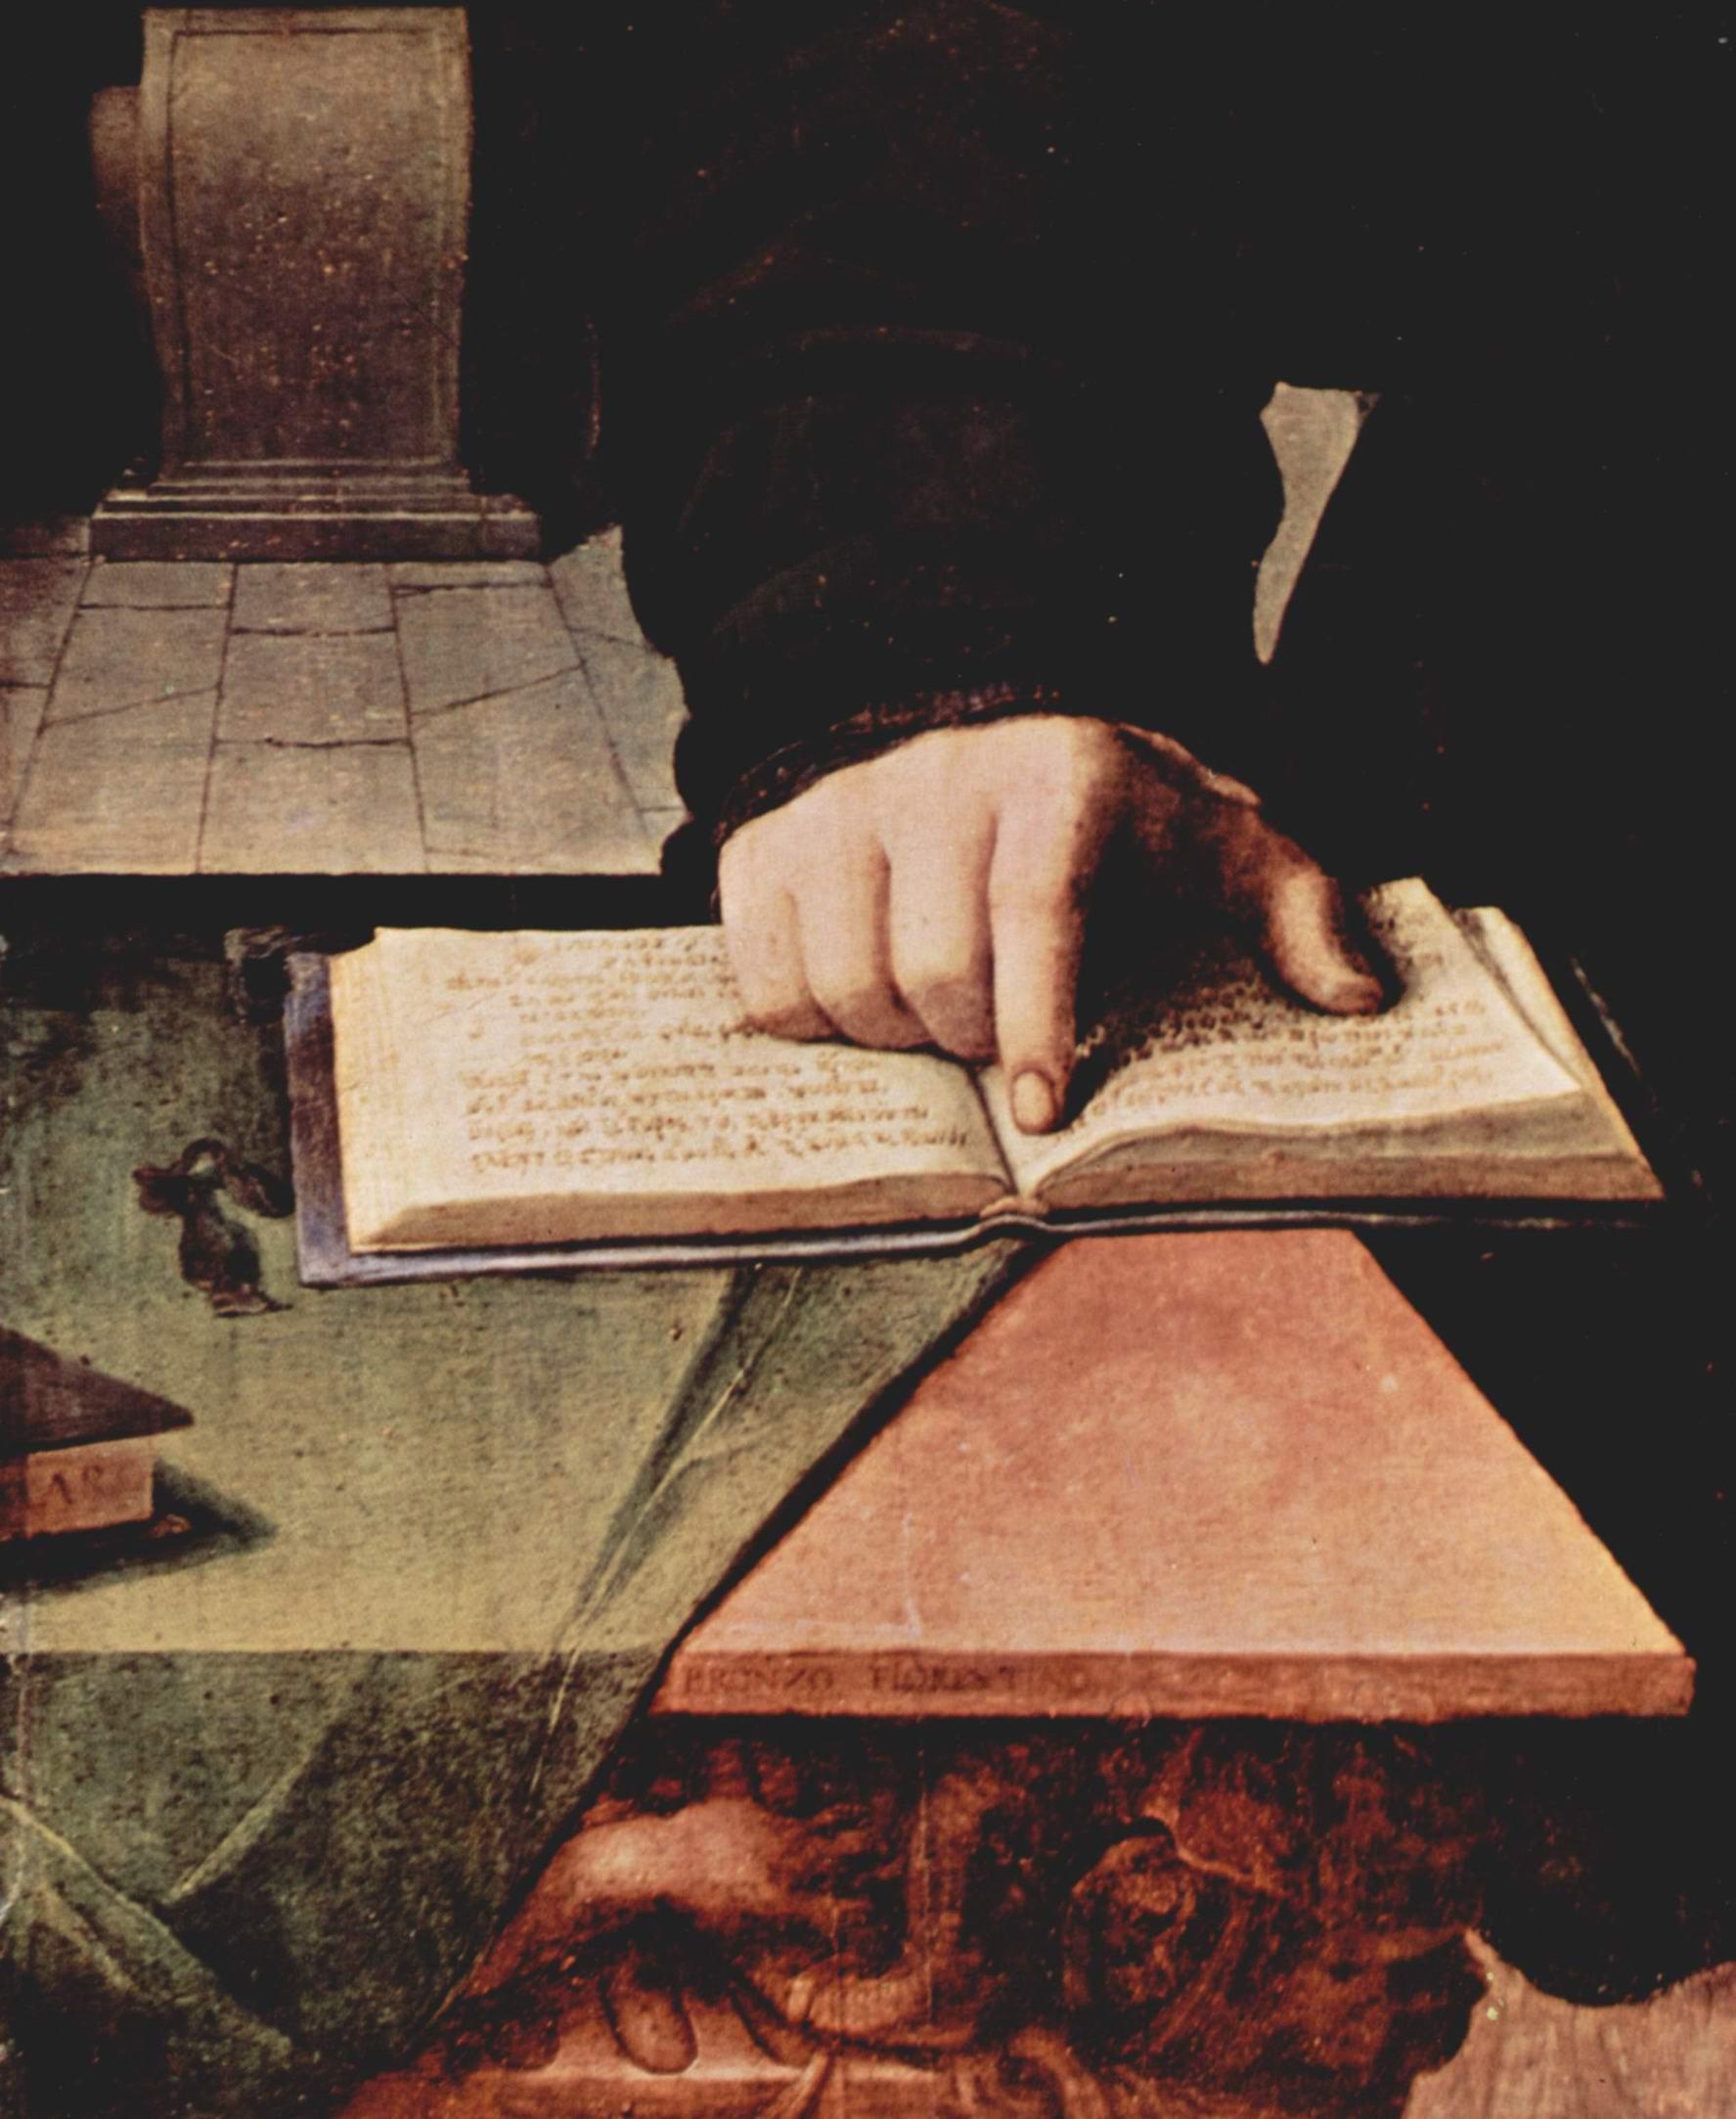 Портрет Уголино Мартелли. Деталь  рука на раскрытой книге, Бронзино Аньоло